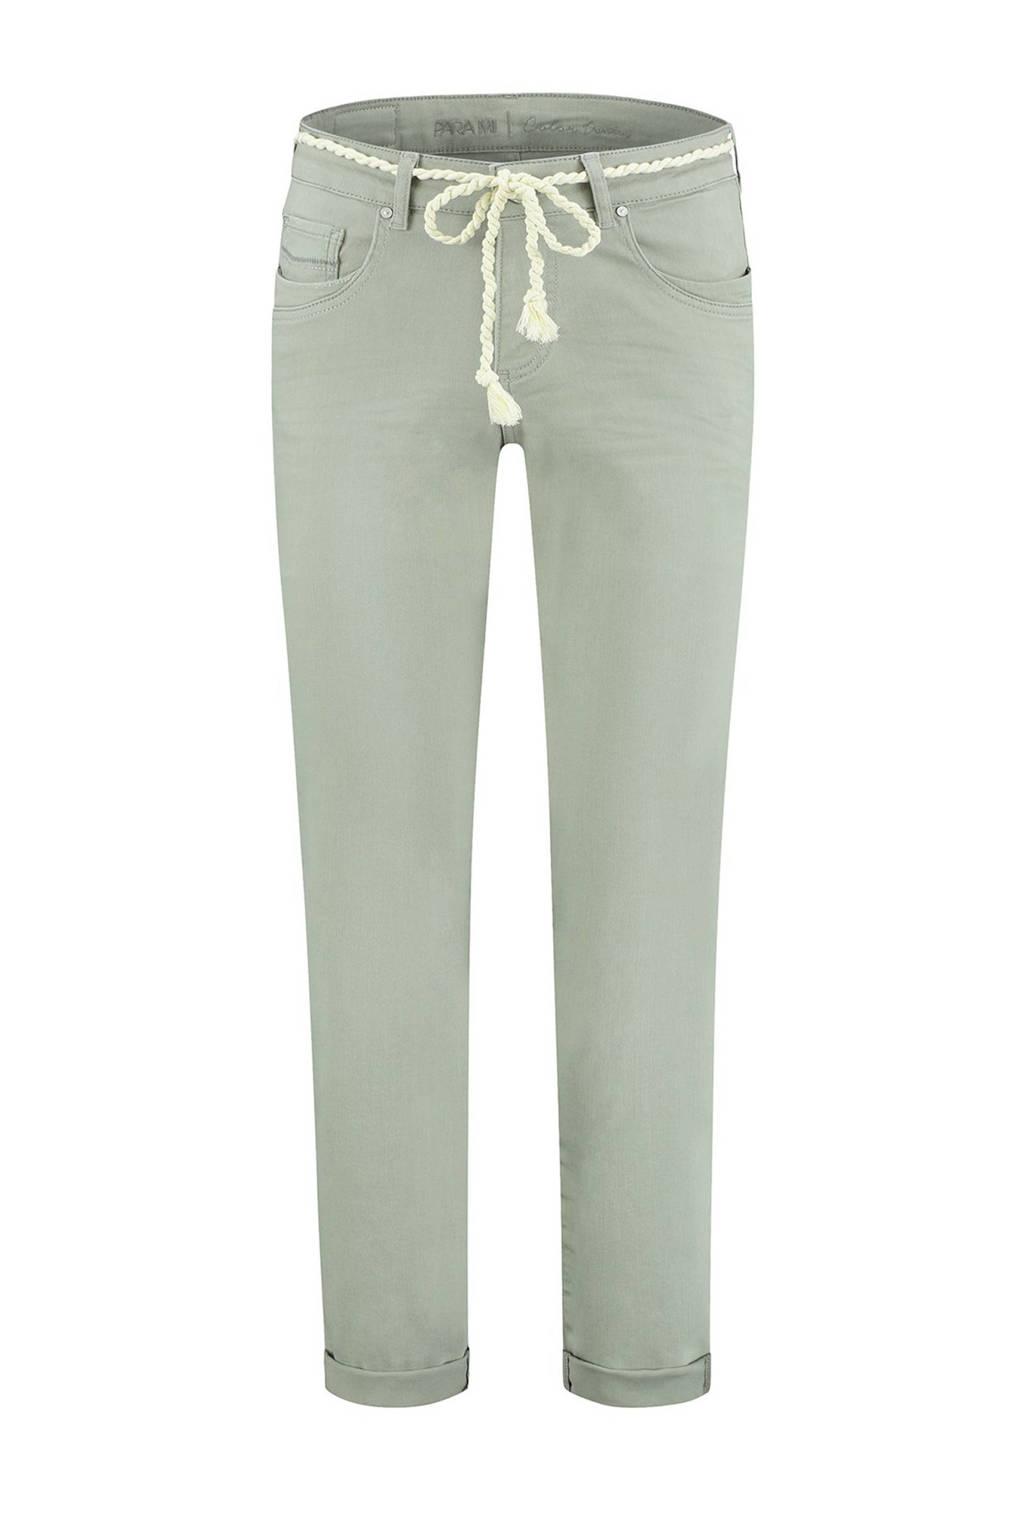 Para Mi high waist boyfriend fit jeans Bobby 614 - desert sage, 614 - Desert Sage